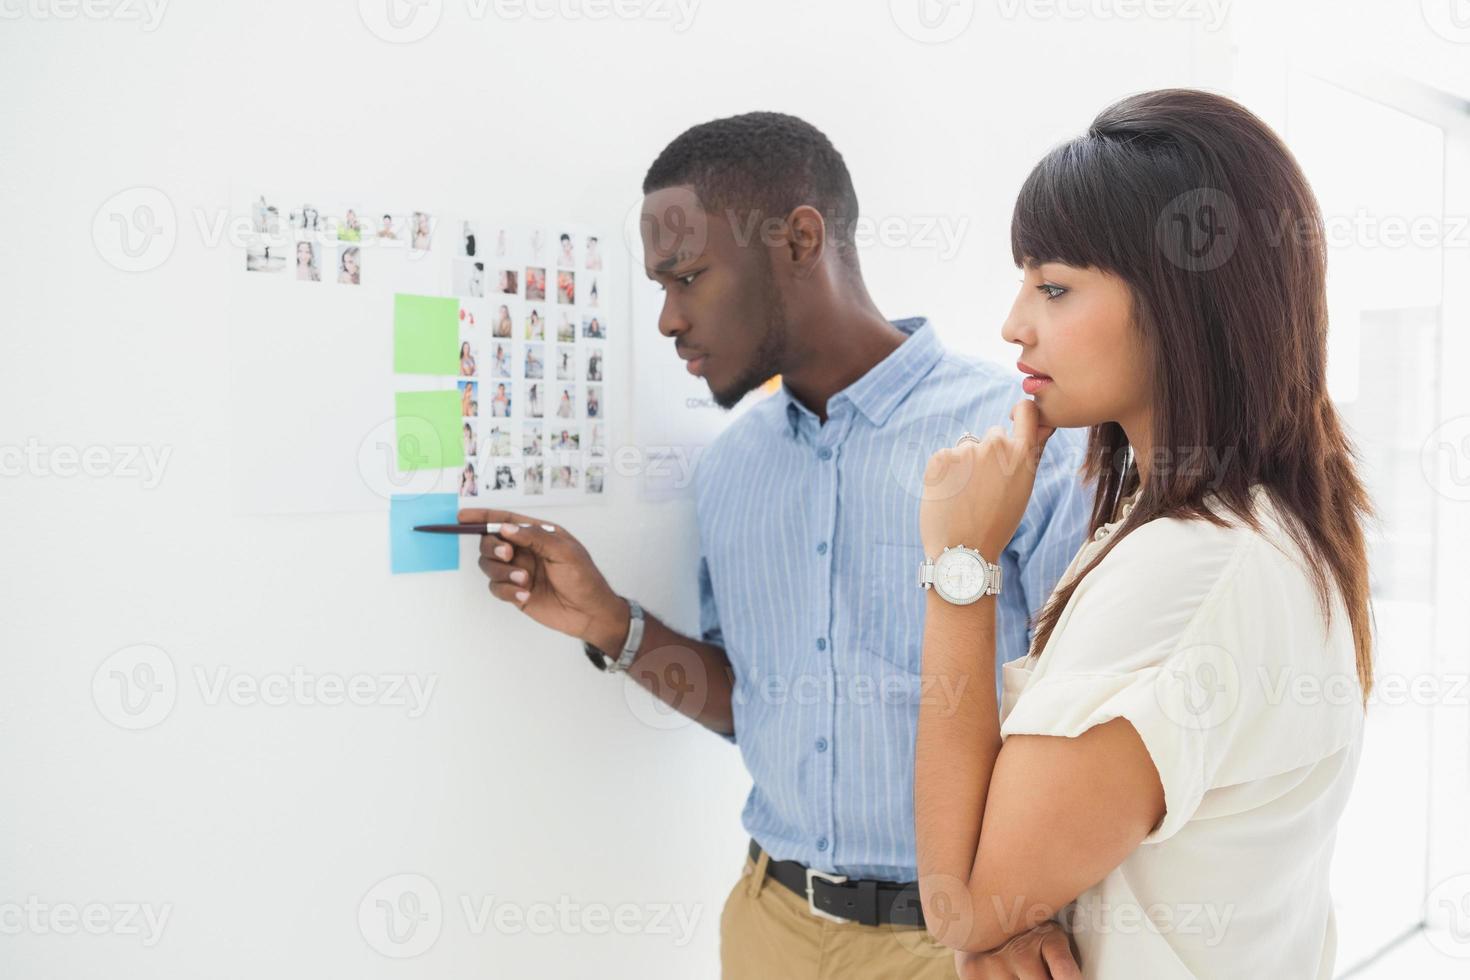 trabalho em equipe pensativo olhando para notas autoadesivas foto